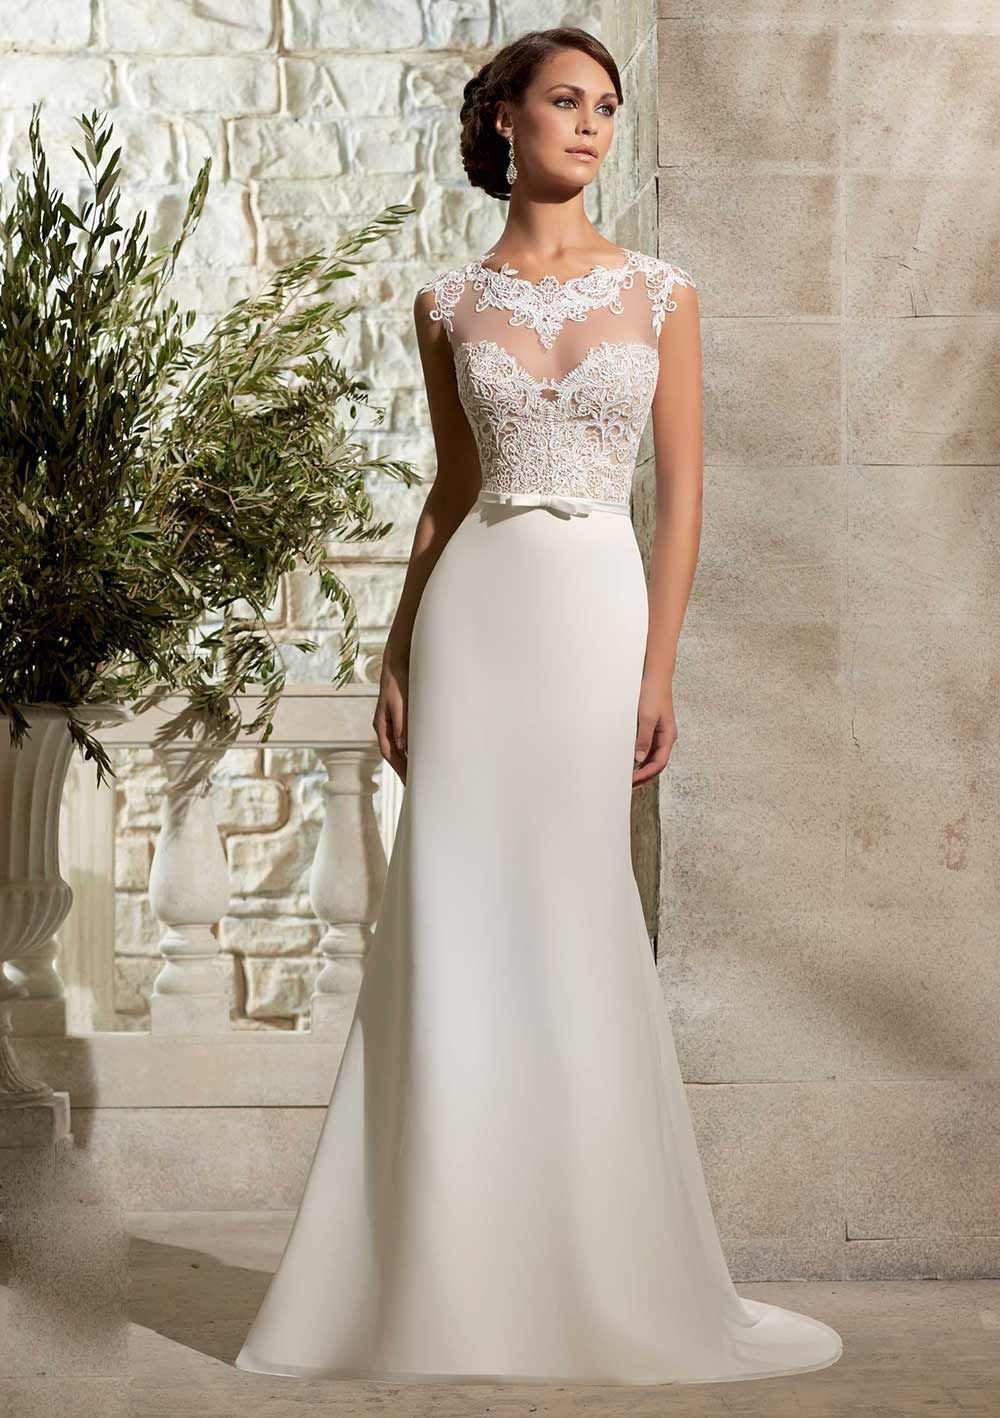 1c6dc43e686 Вечерние платья на свадьбу 2017 (133 фото)  новинки